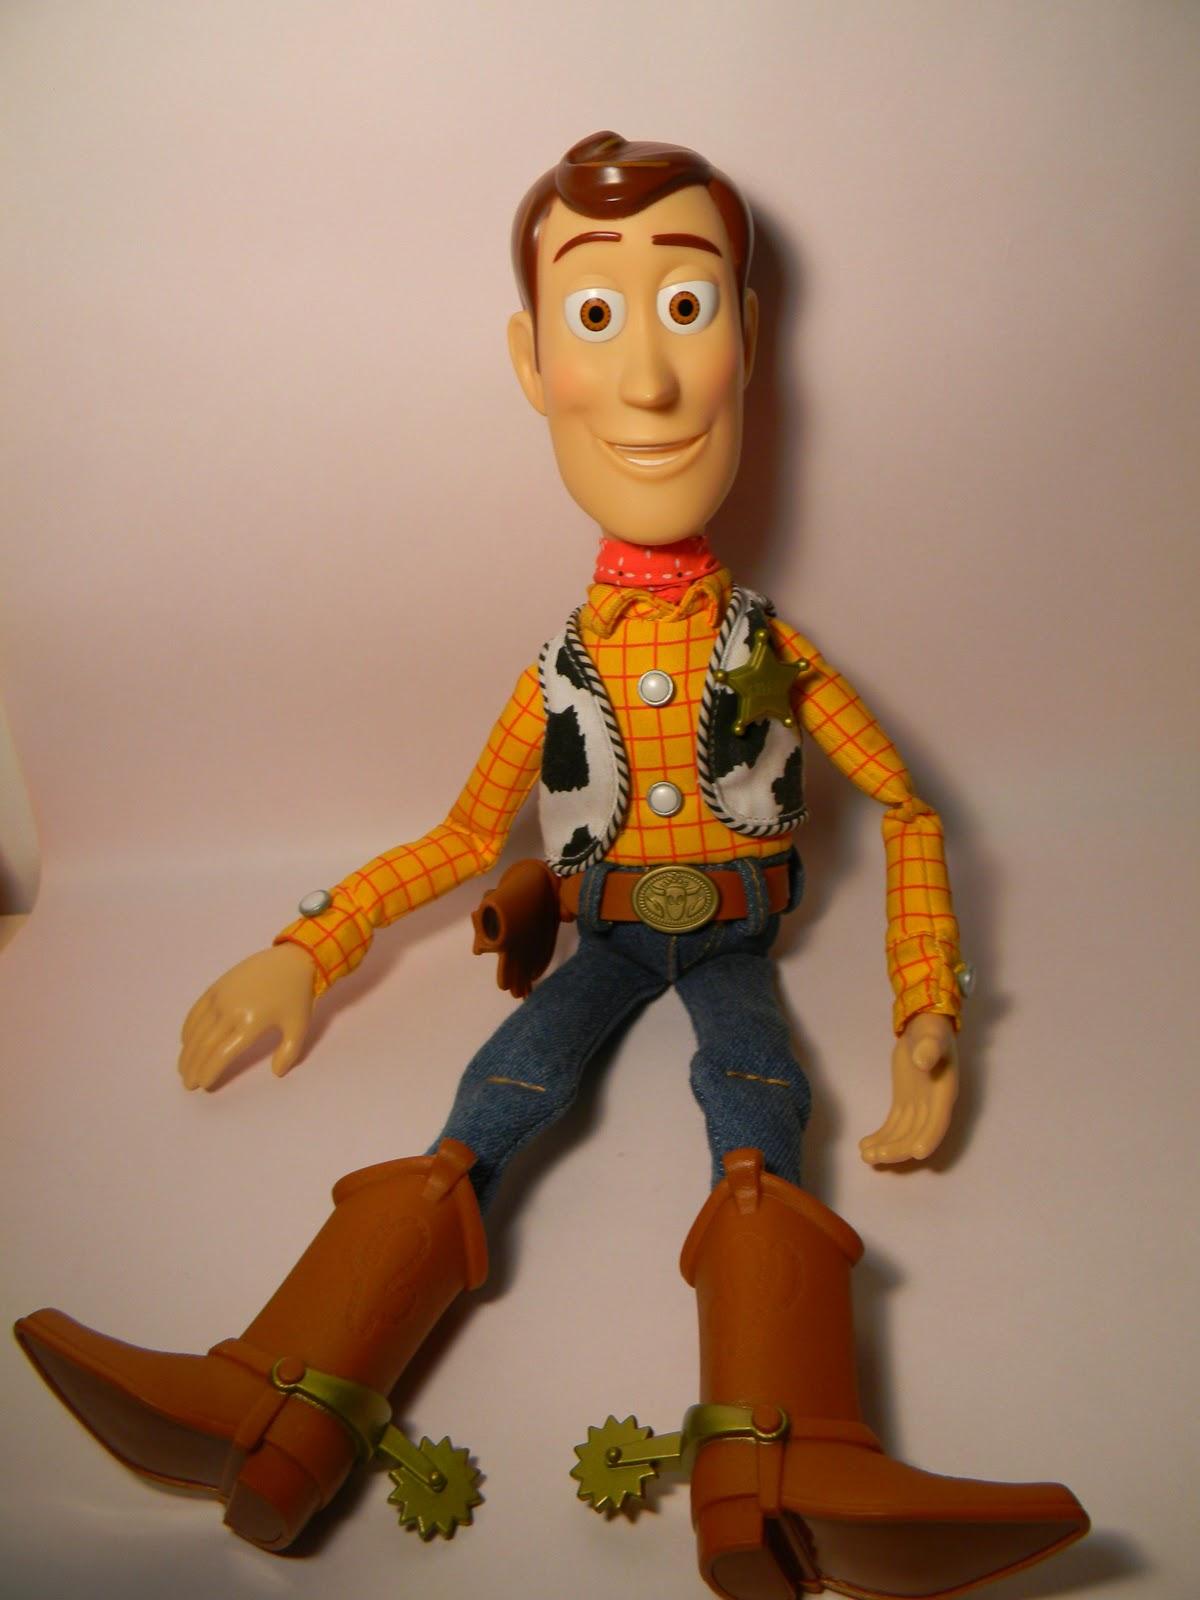 Una vez que hallamos liberado a Woody de los embalajes podremos disfrutar  de su compañia en nuestra habitaciòn 3bbcd1128ca